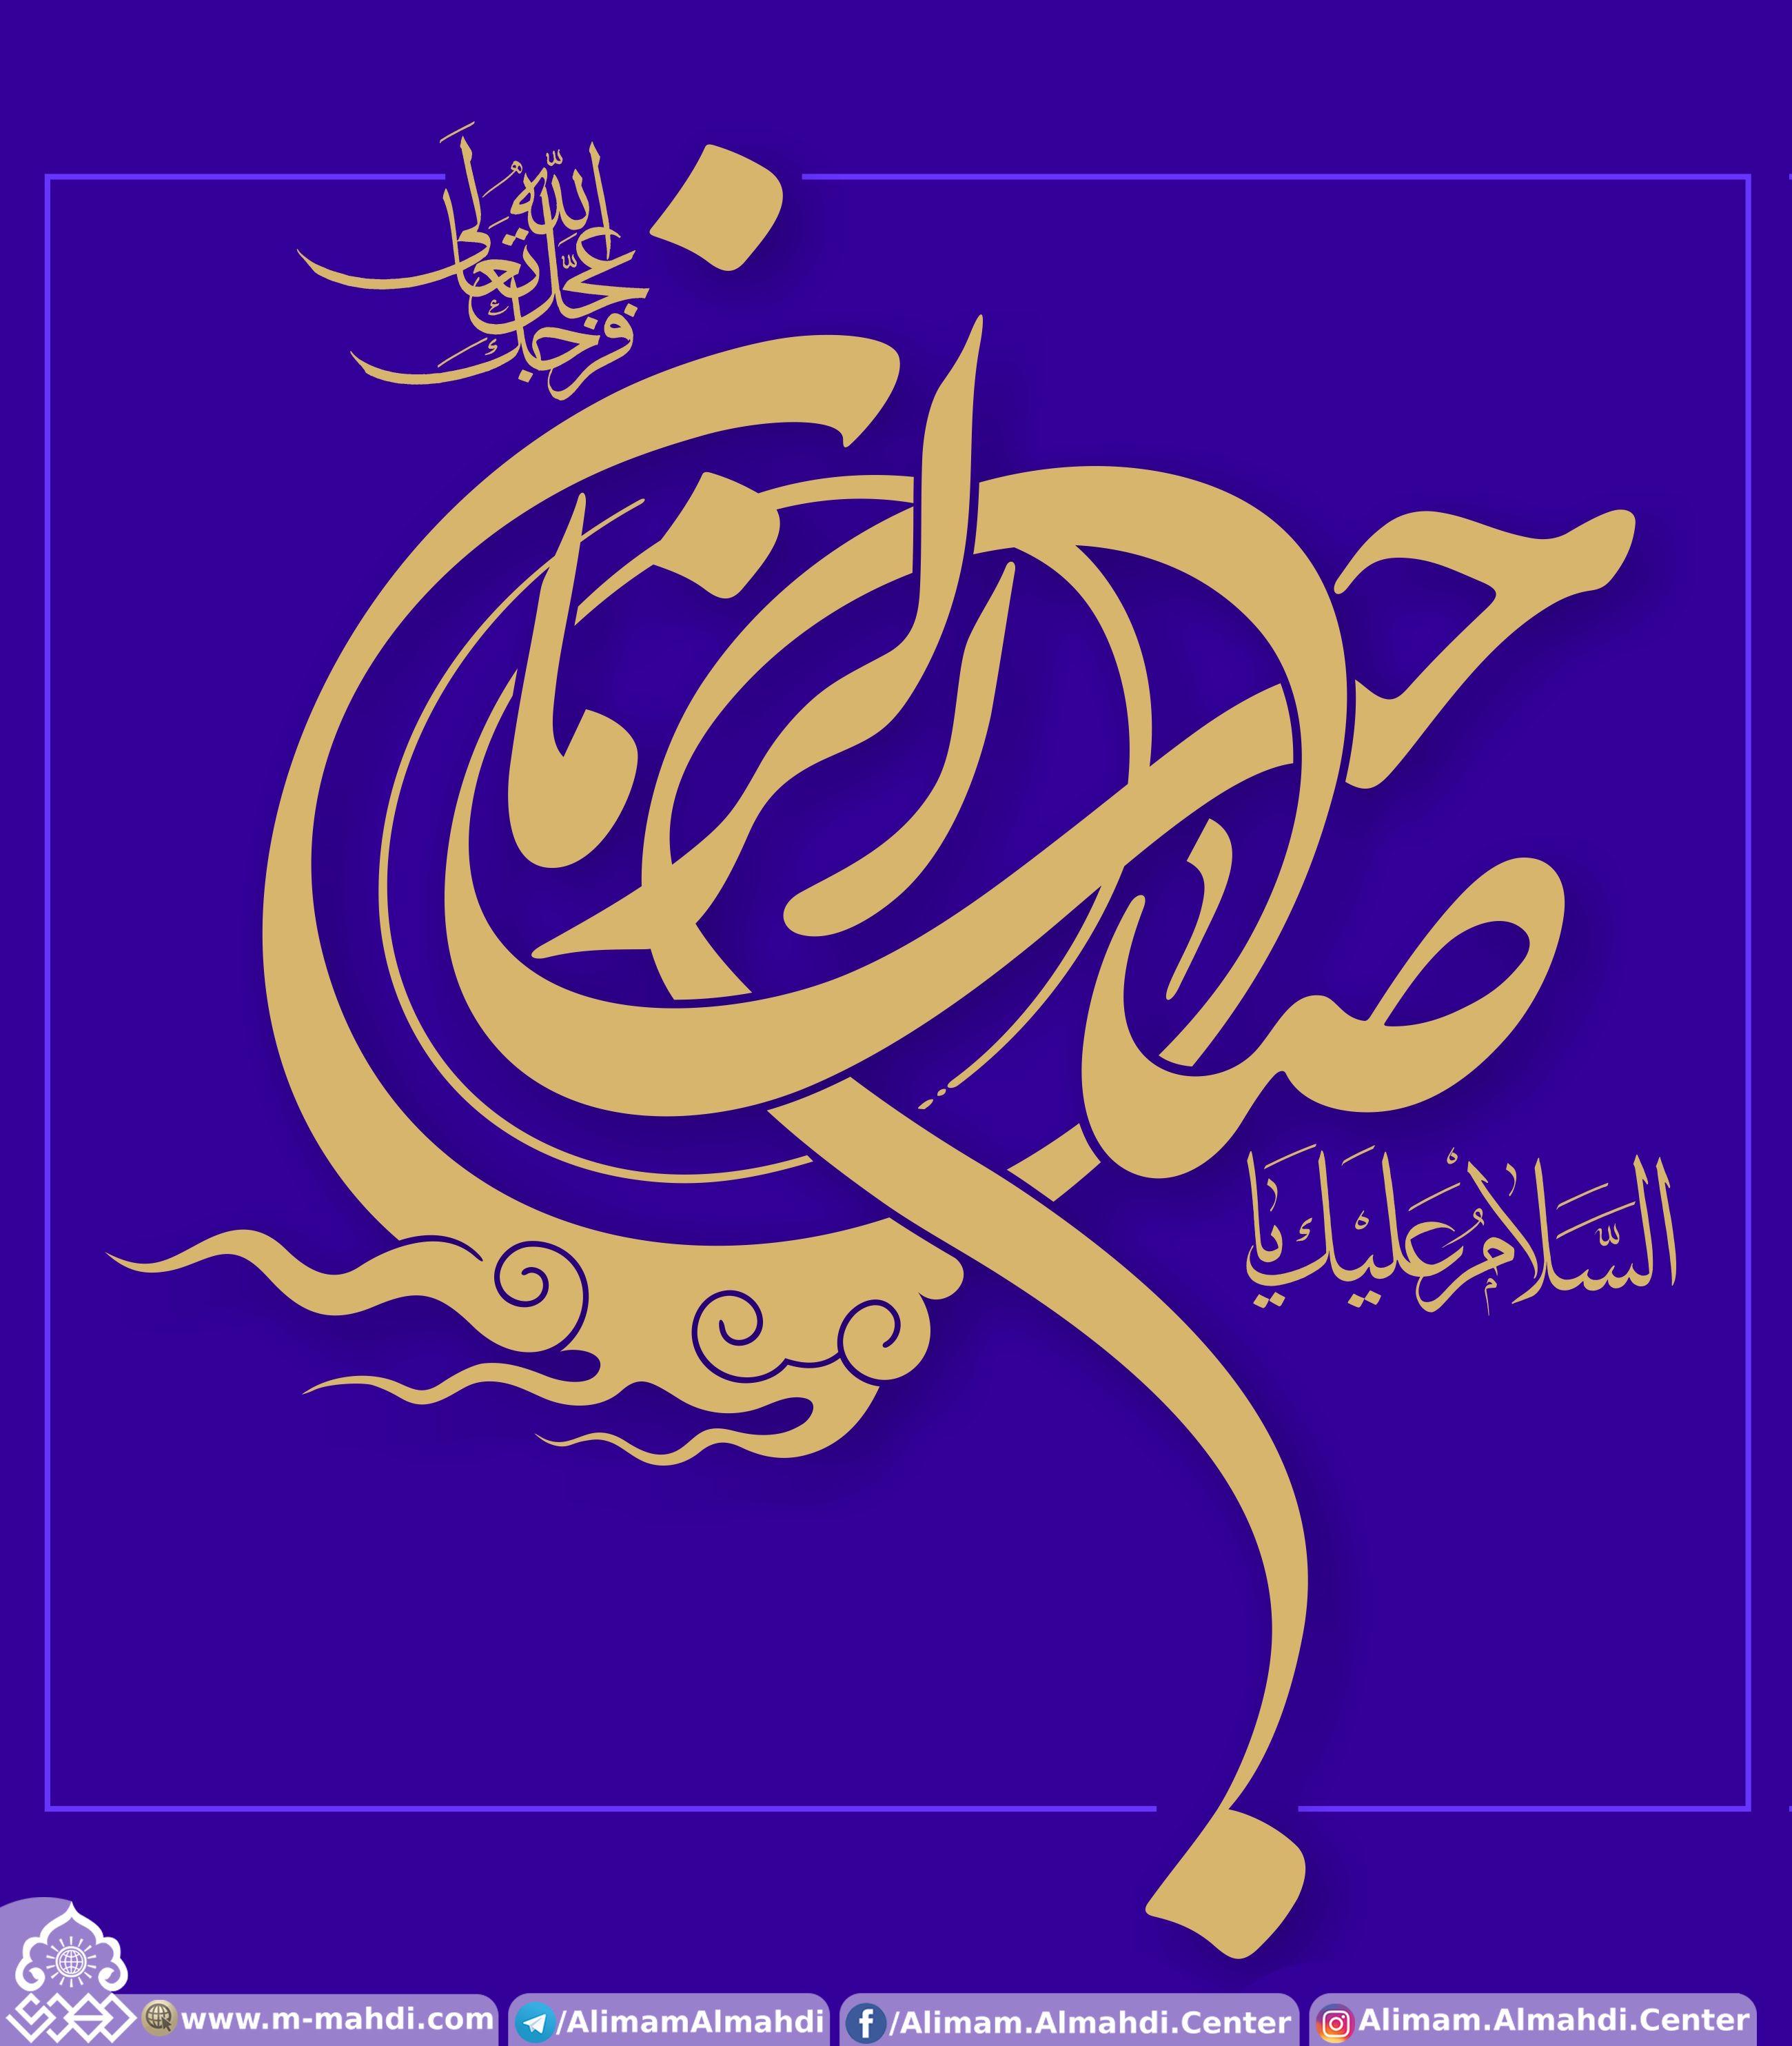 السلام عليك يا صاحب الزمان Sport team logos, Team logo